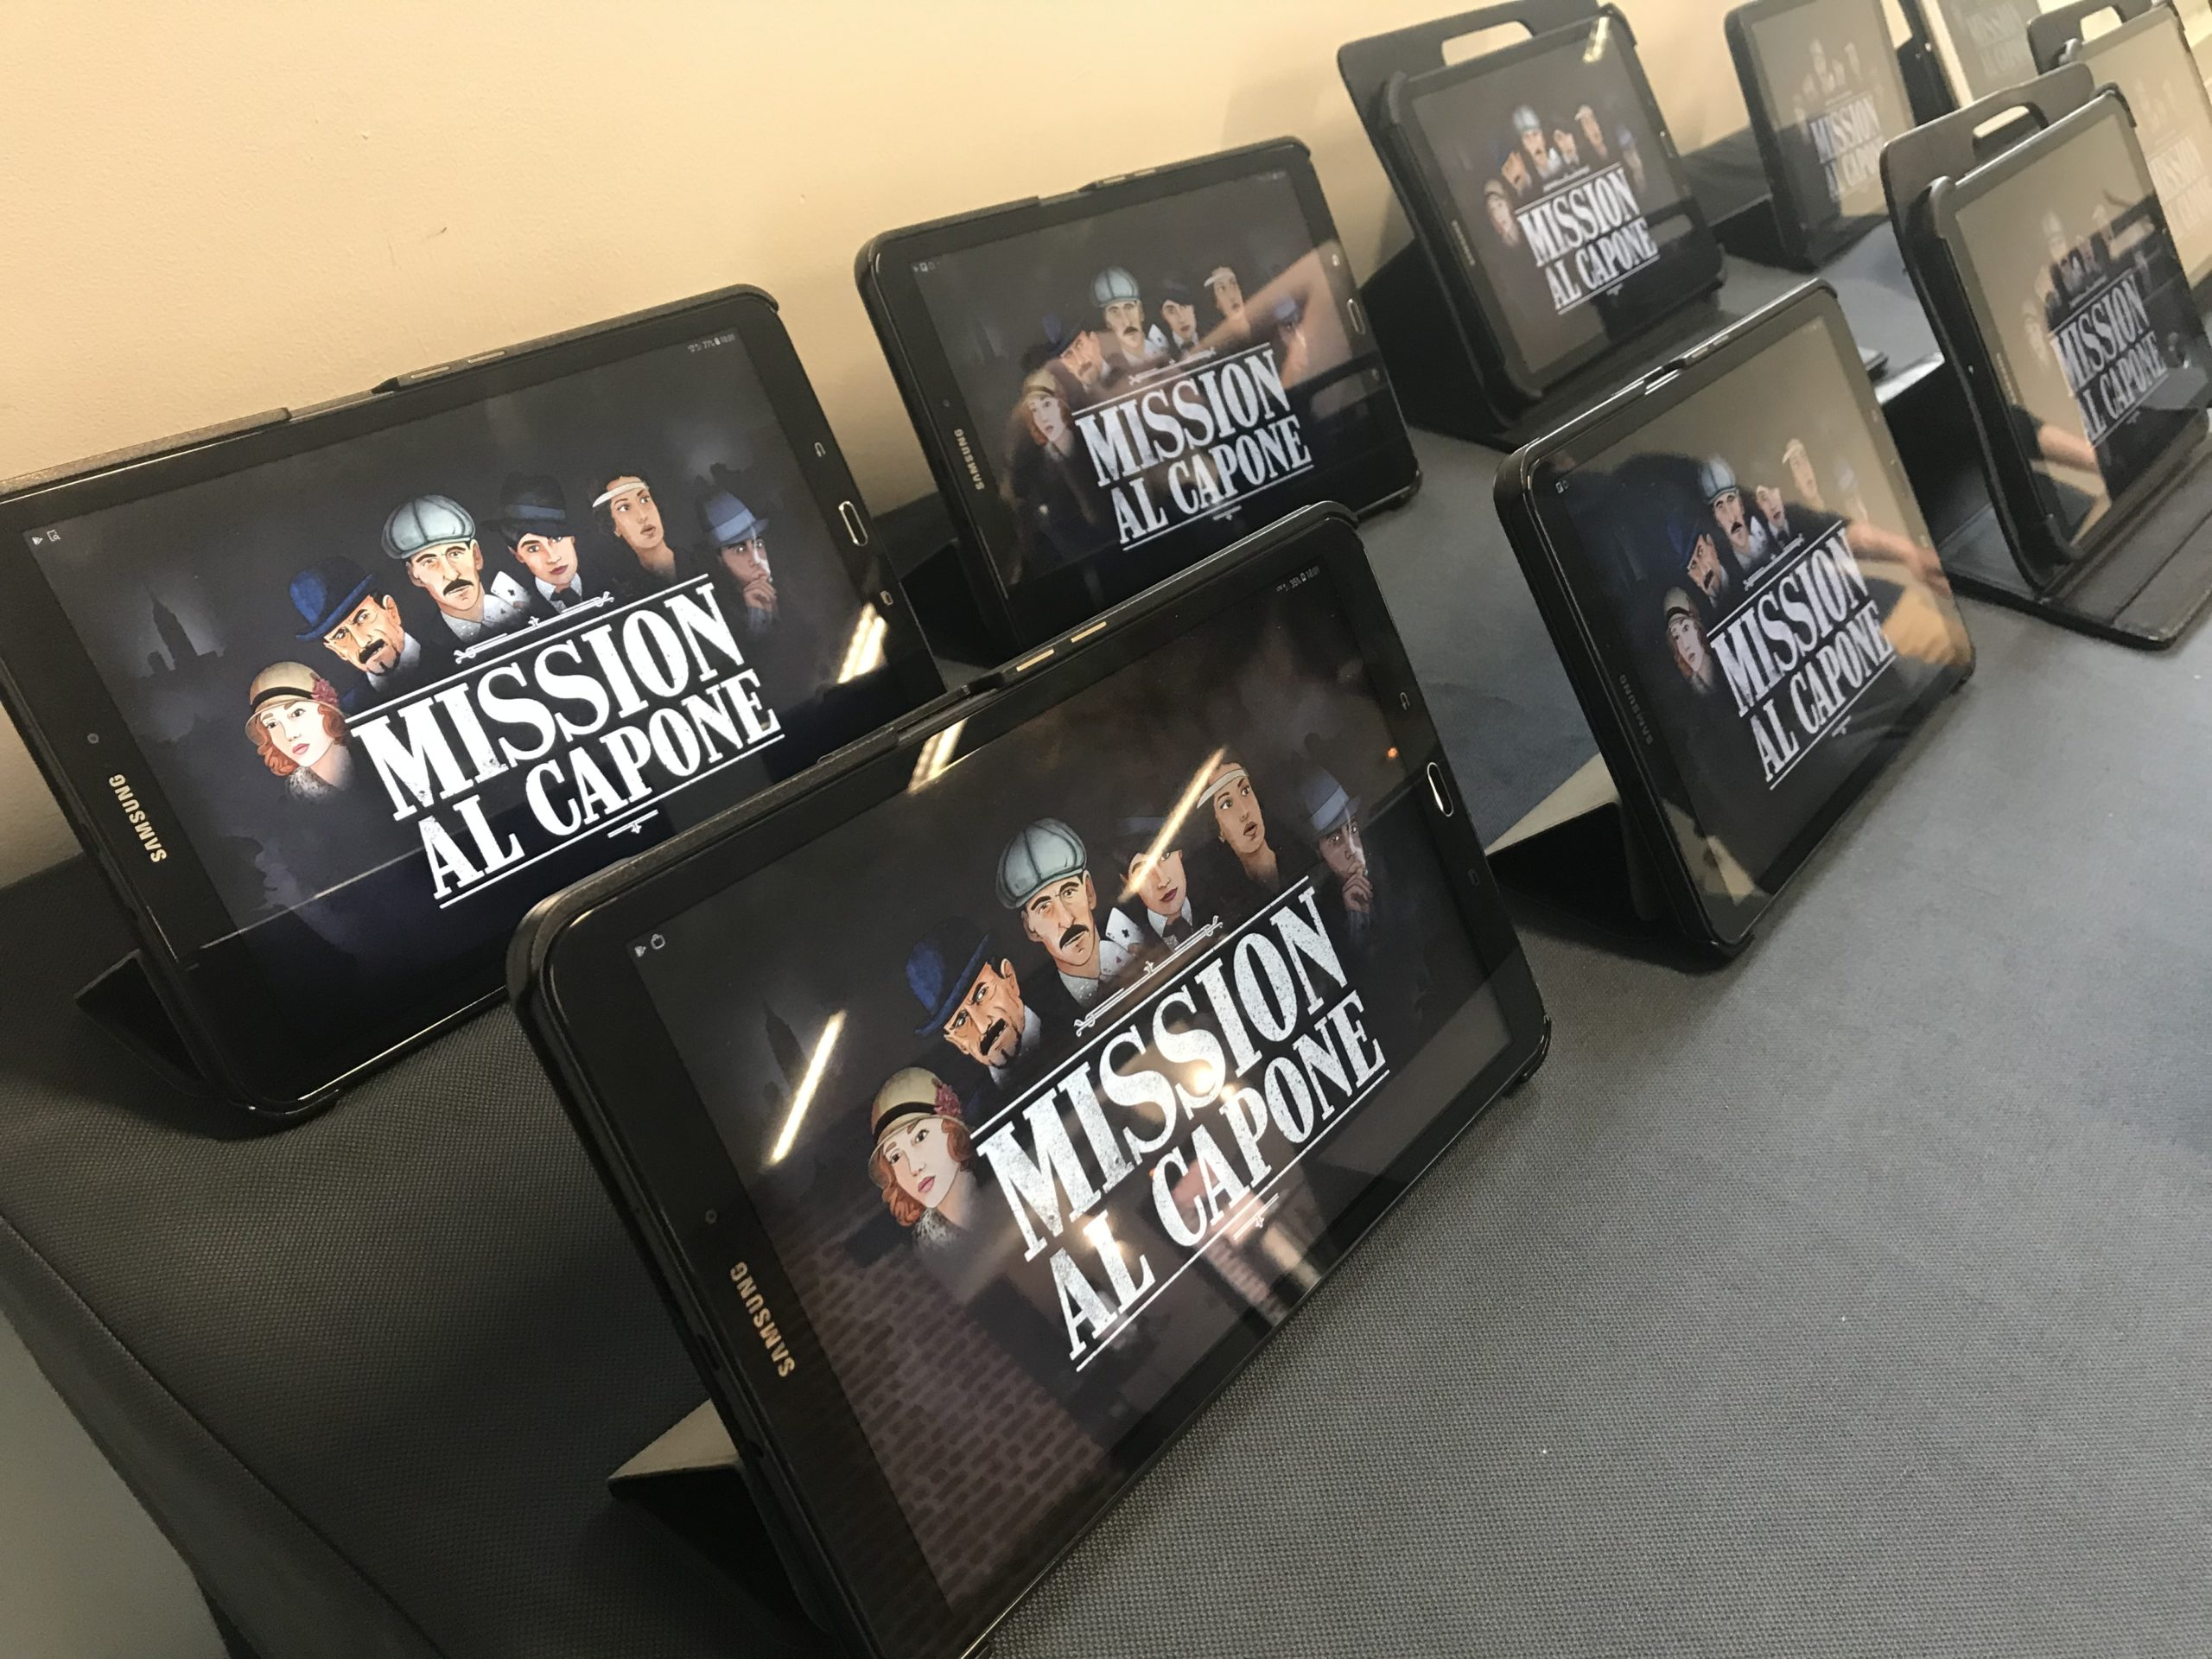 Mission al capone par Arcade Evenements